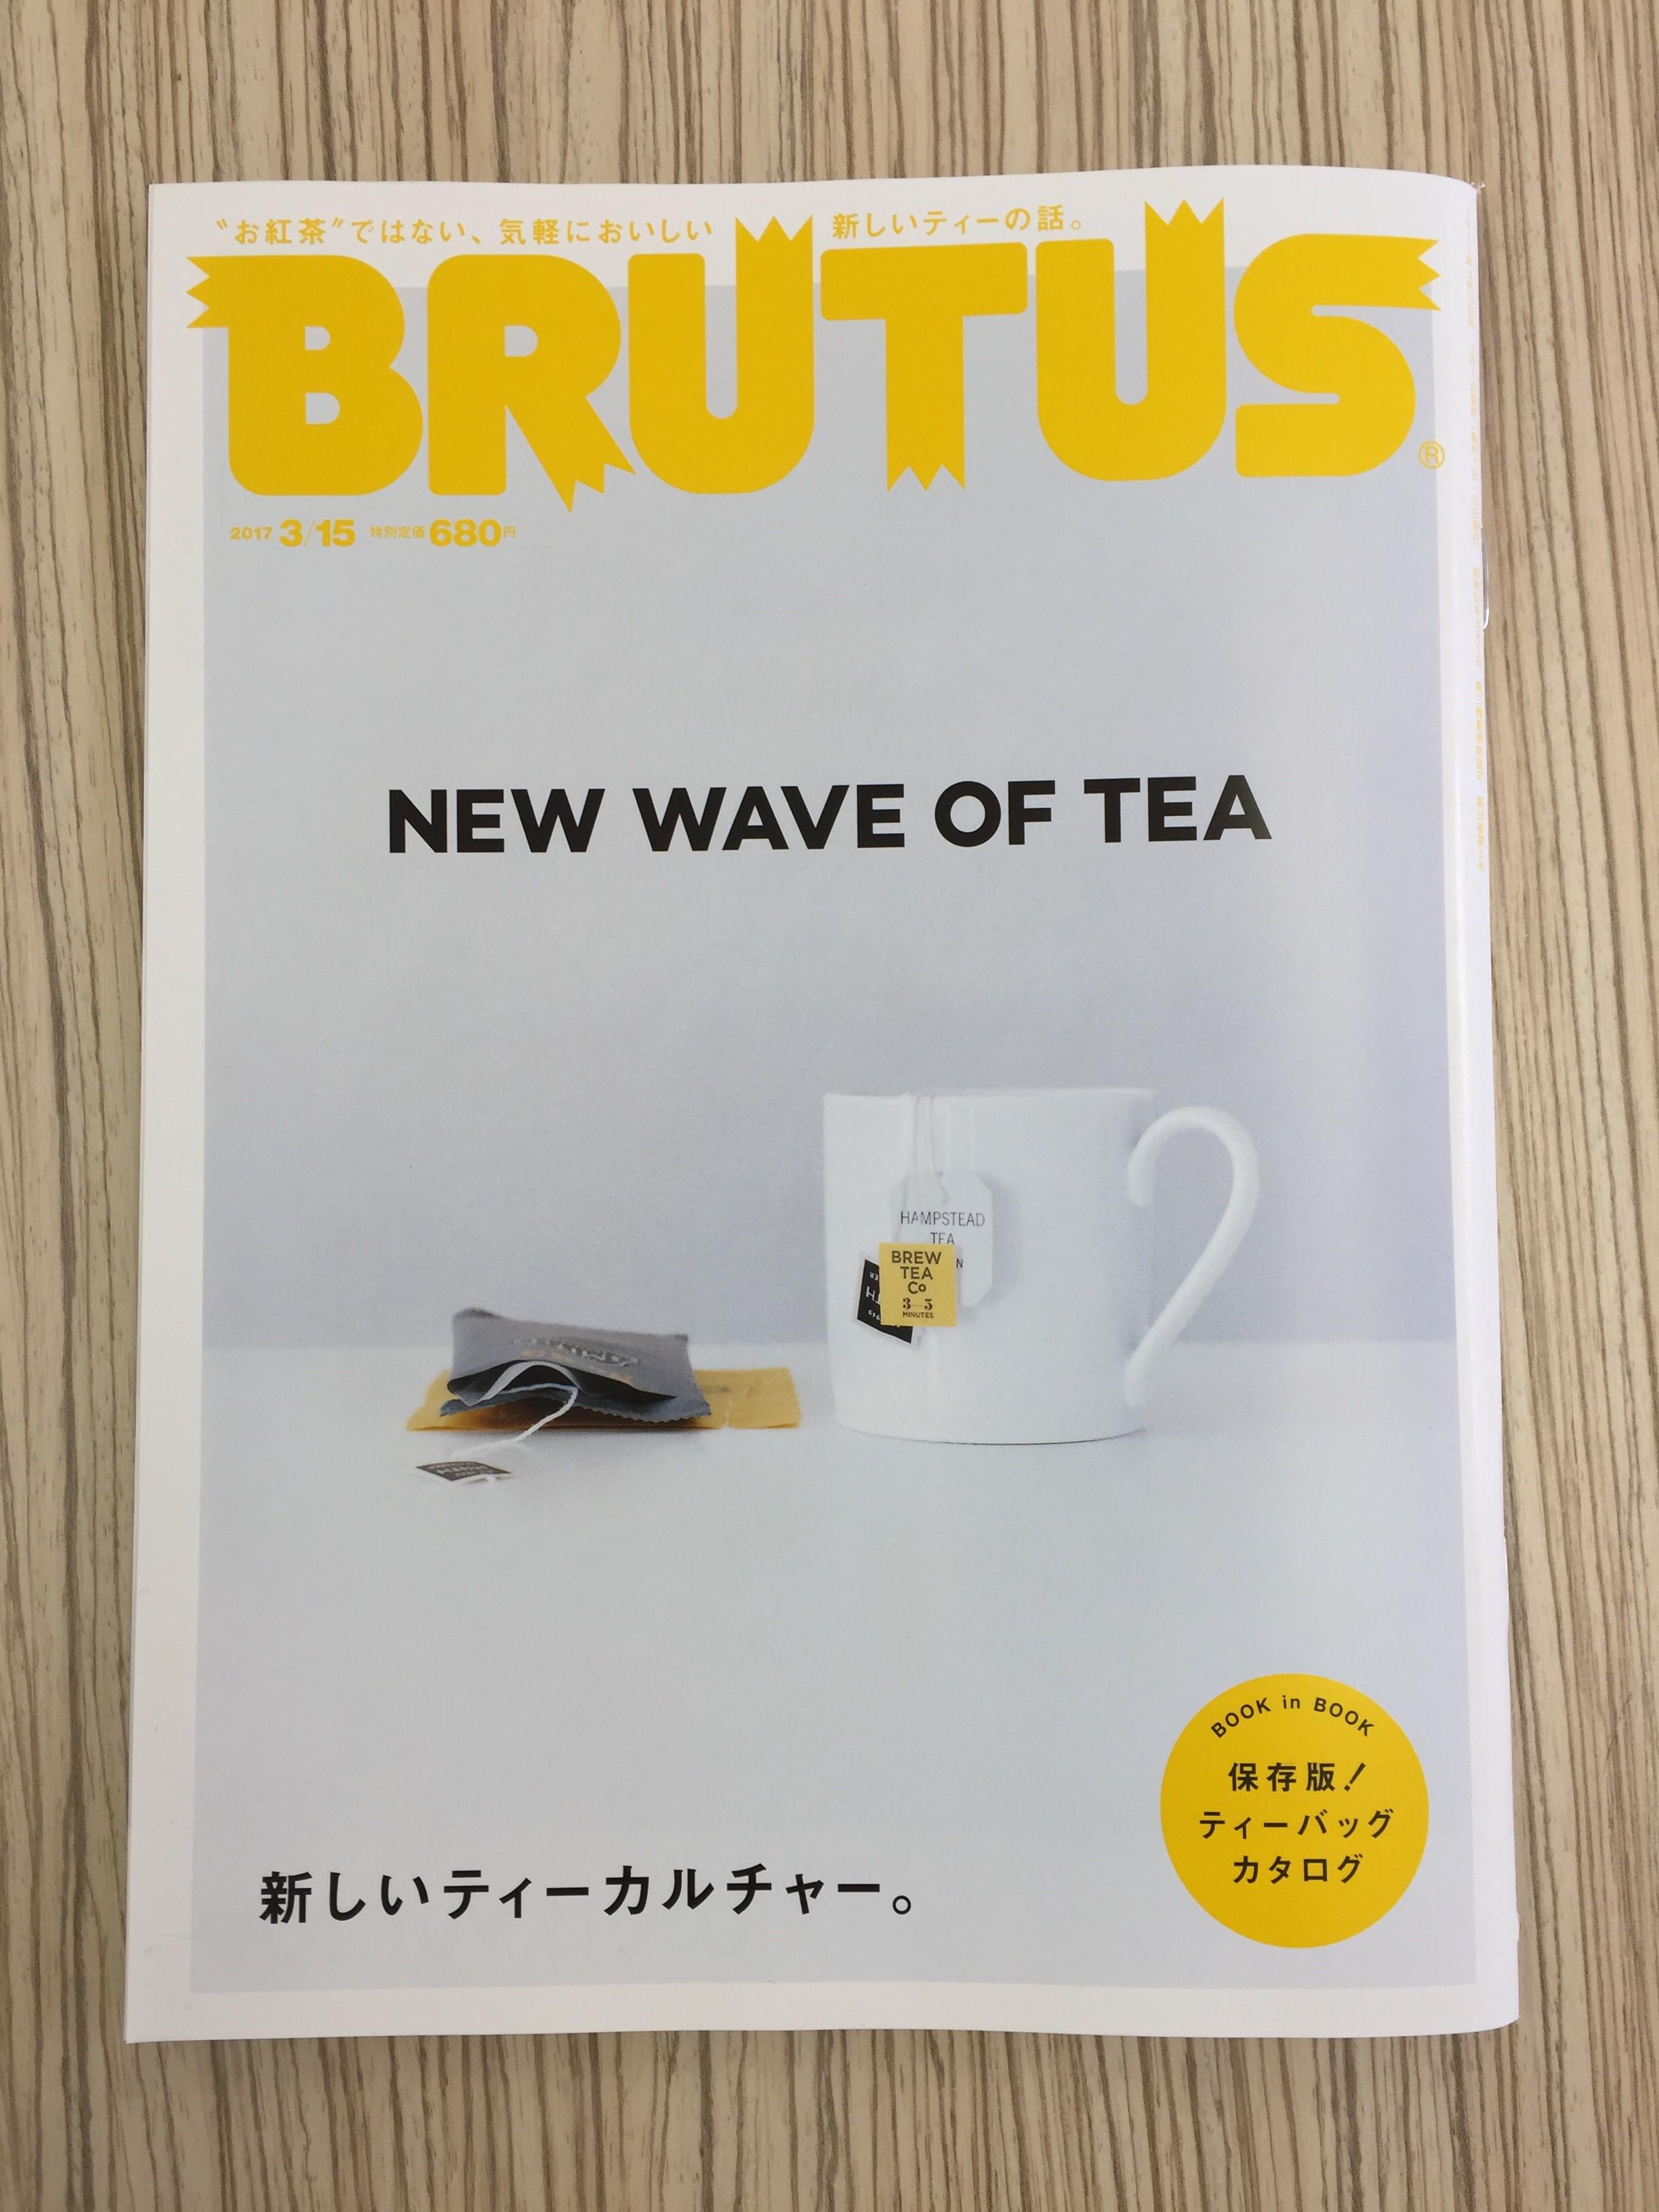 BLUTUS 3.15